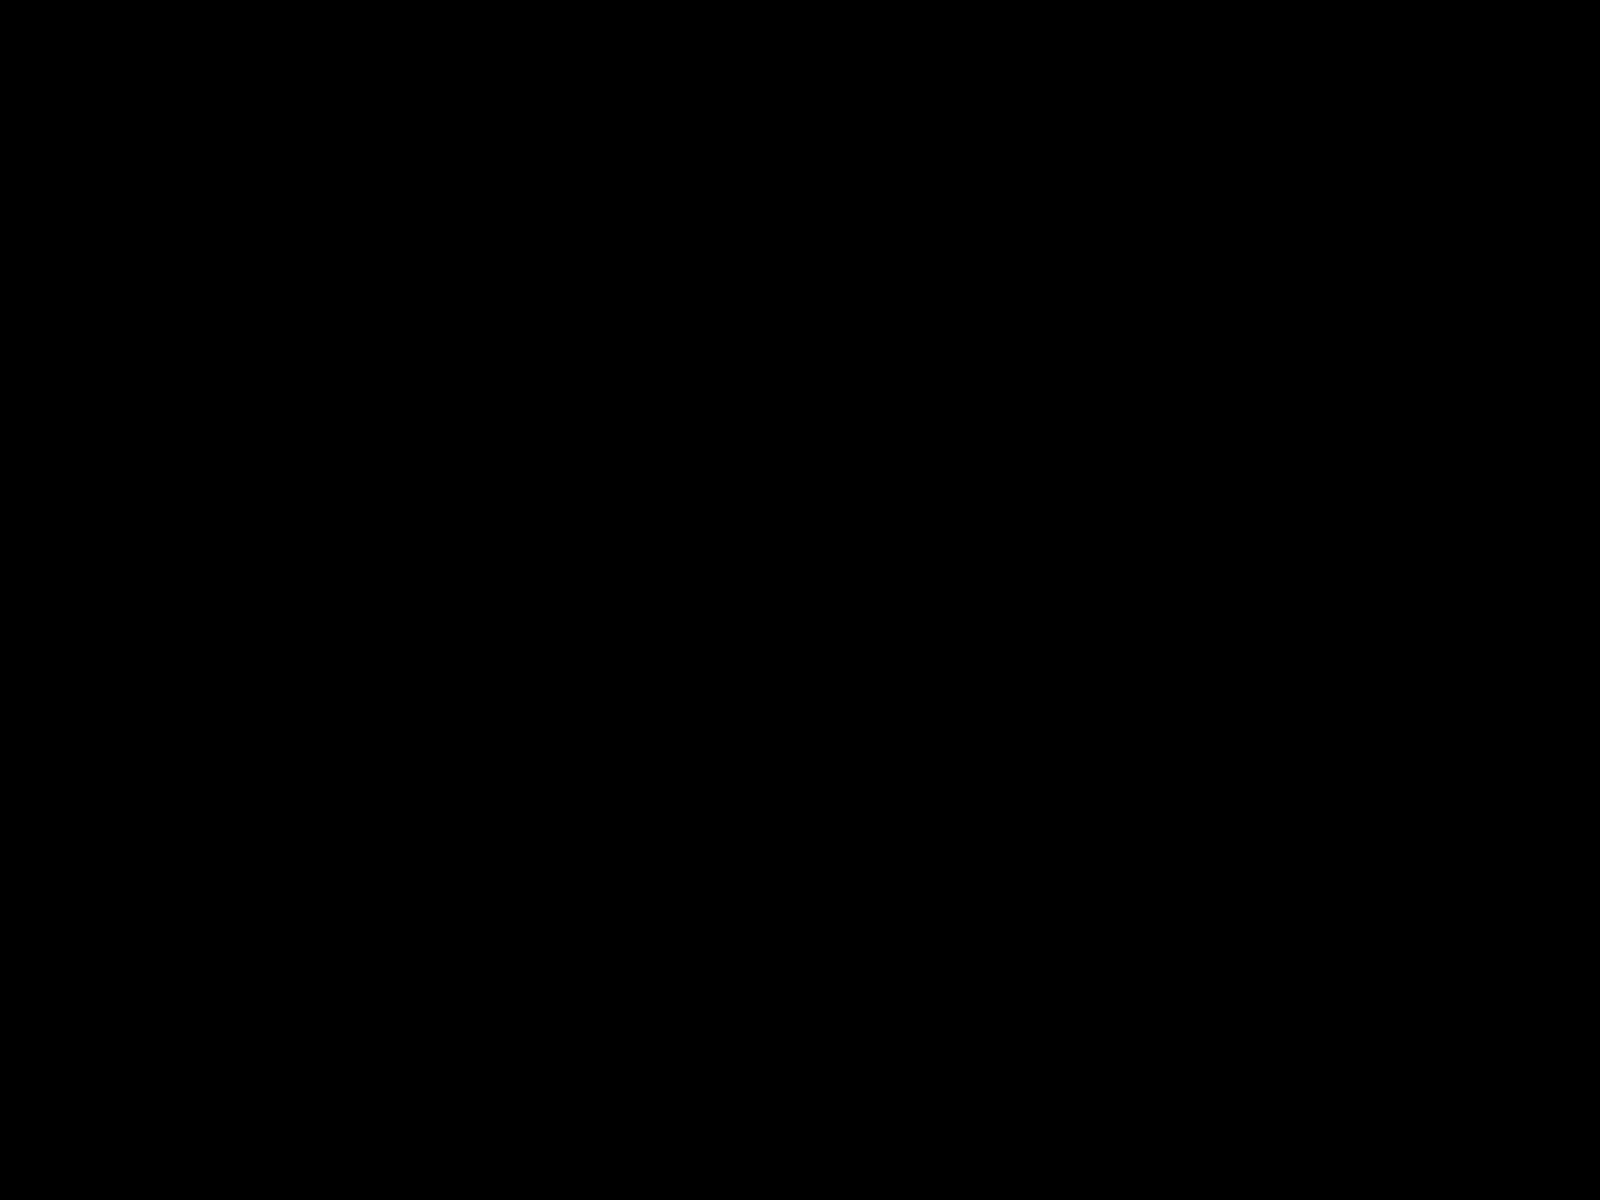 国際基督教大学CMS管弦楽団ロゴ